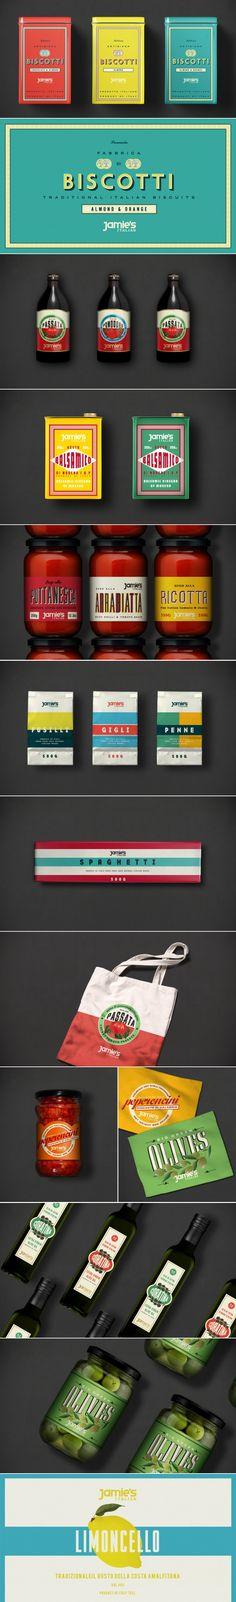 Jamie's Italian Deli Range — The Dieline   Packaging & Branding Design & Innovation News